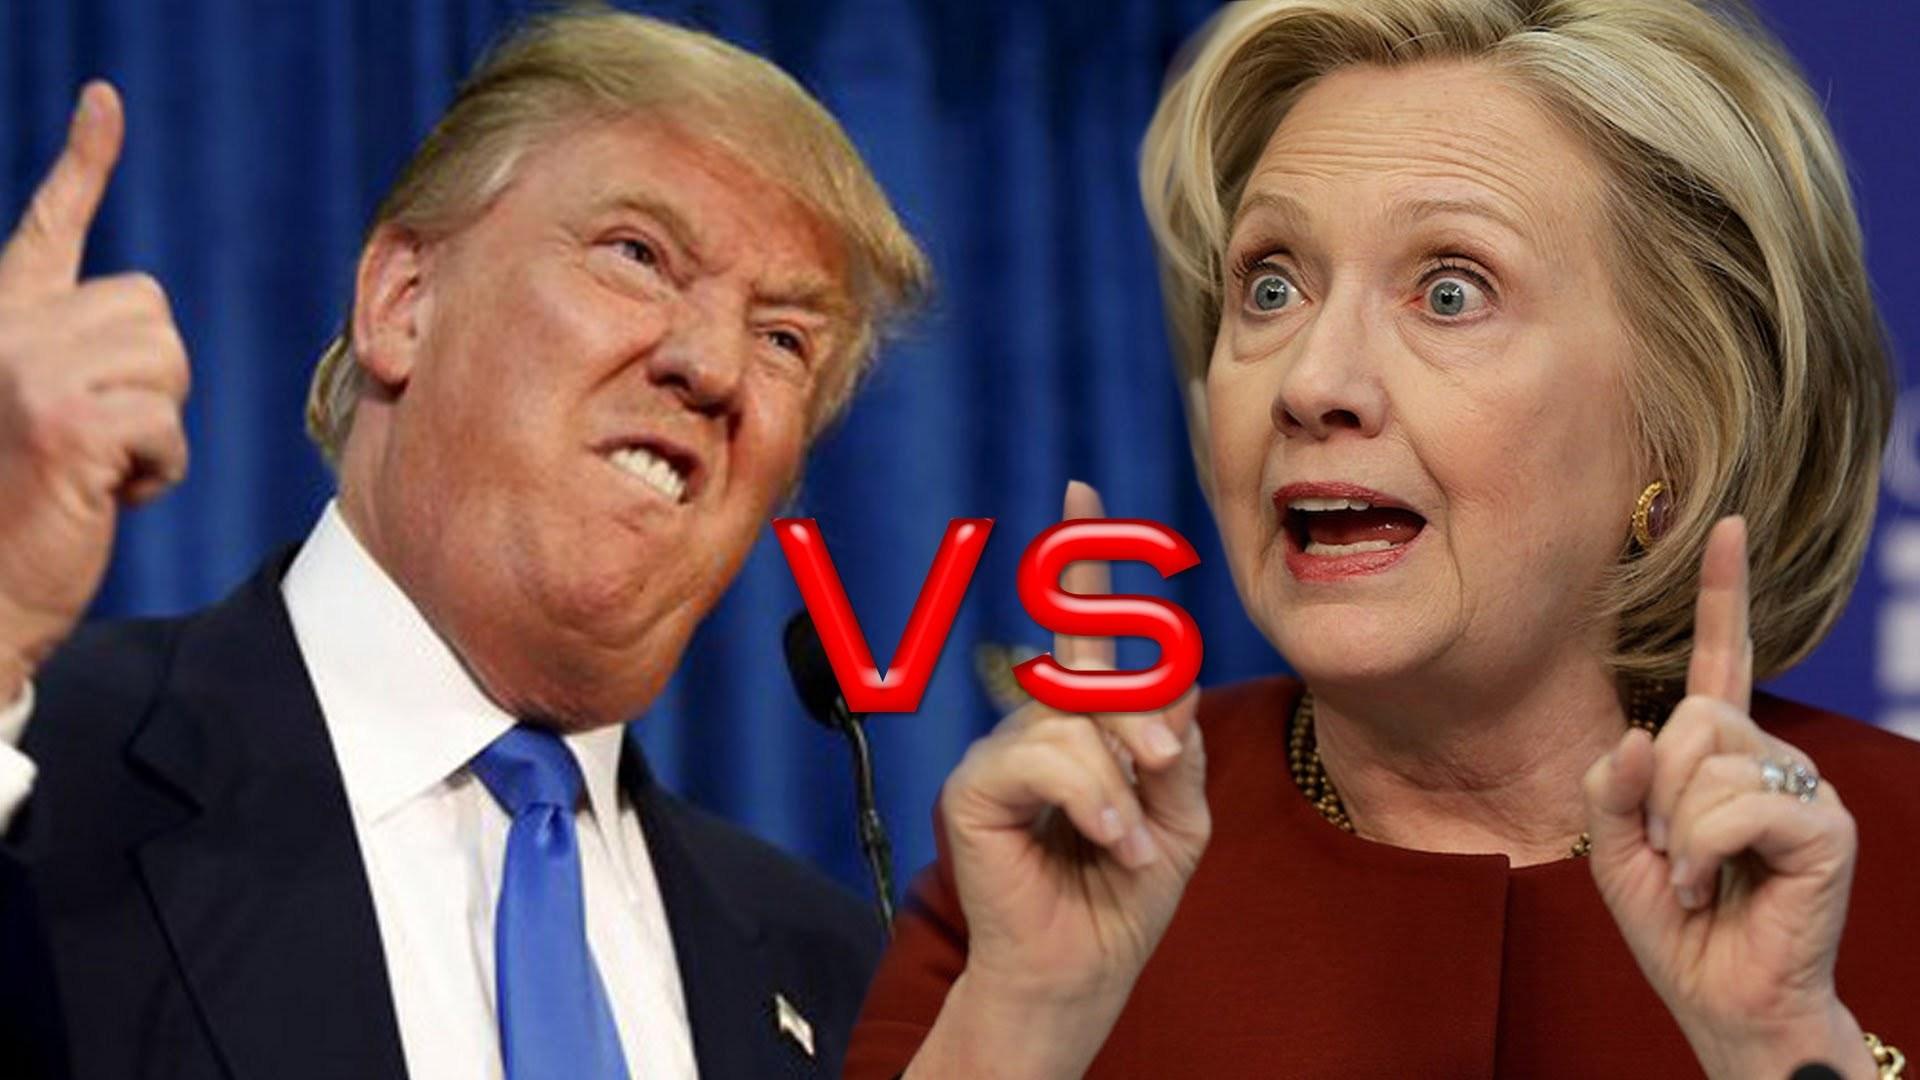 Τα 5 πιο σημαντικά λάθη στη γλώσσα του σώματος στο debate των υποψήφιων Προέδρων των ΗΠΑ.